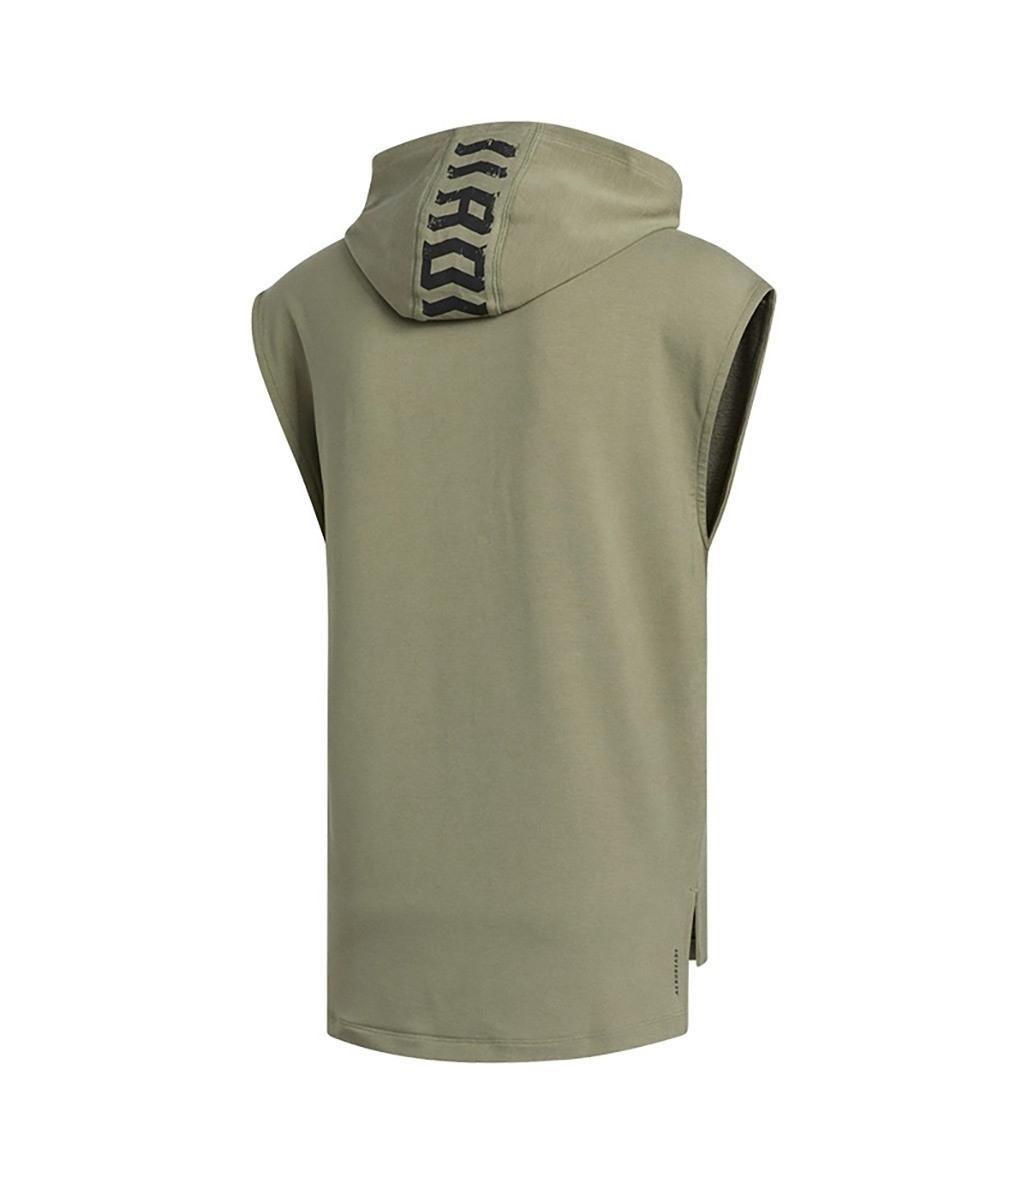 Adidas Tko Hooded Tee Kapüşonlu Kolsuz T-Shirt Haki